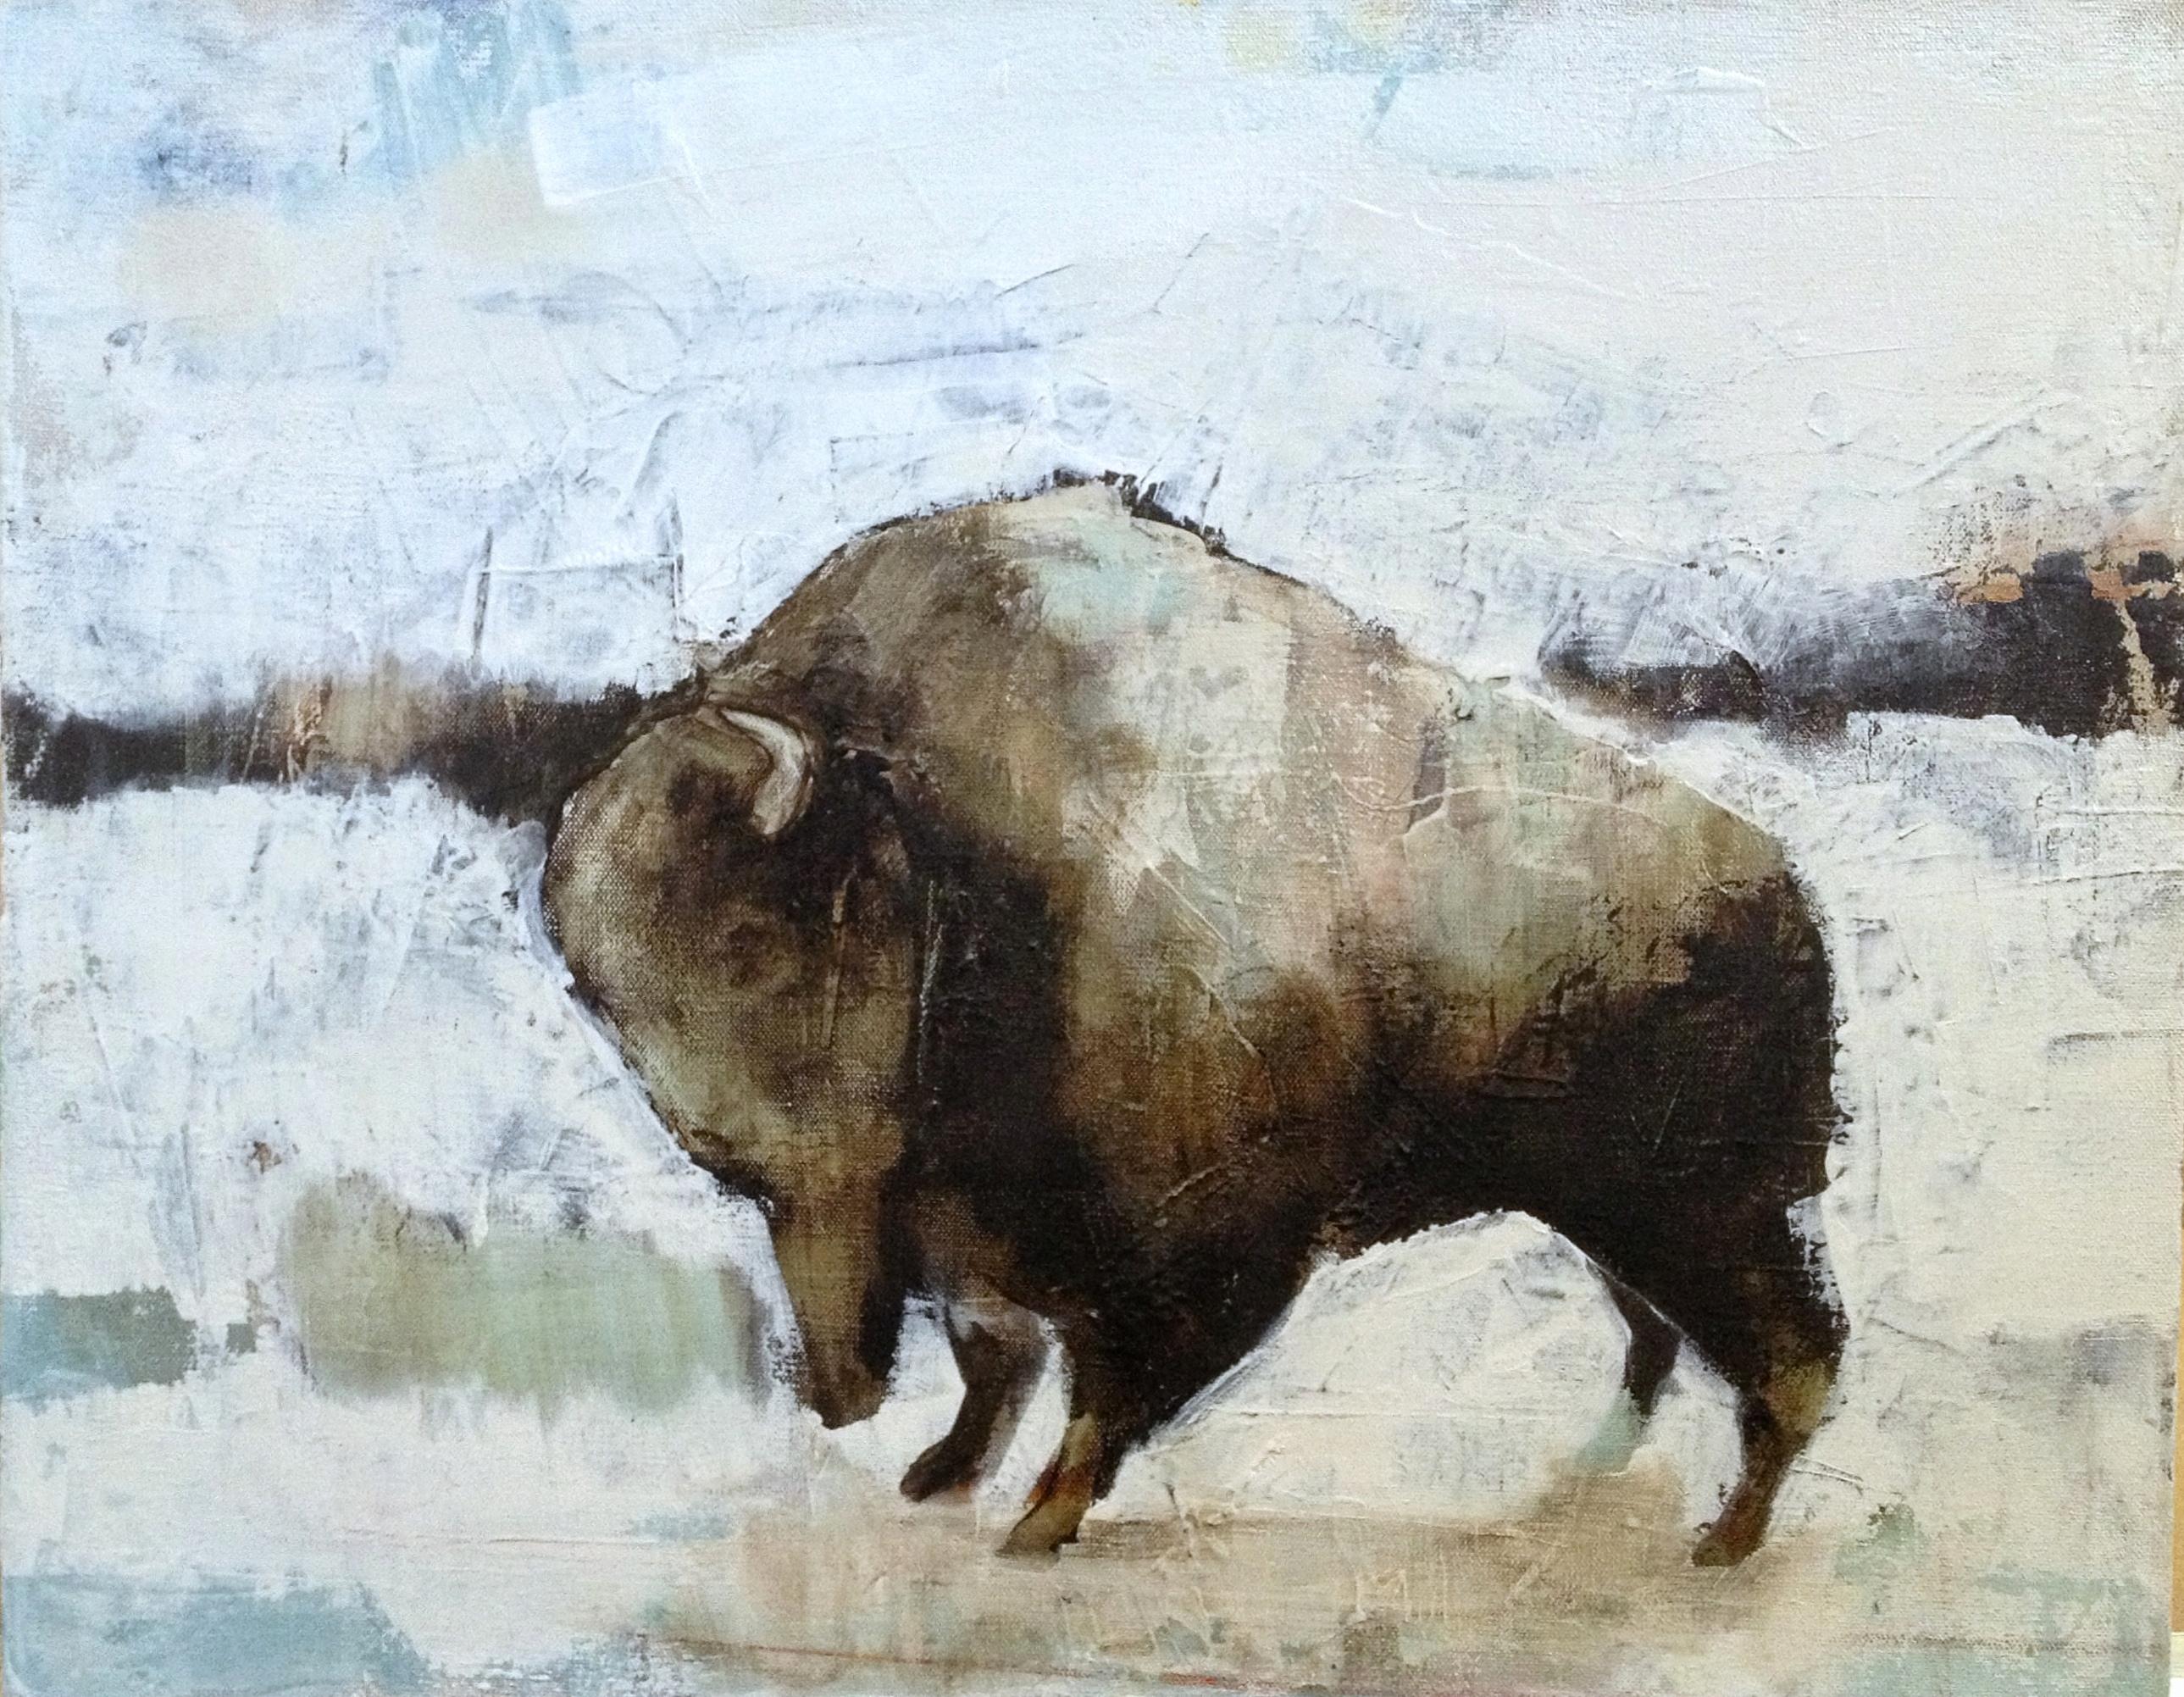 haba.bisoni